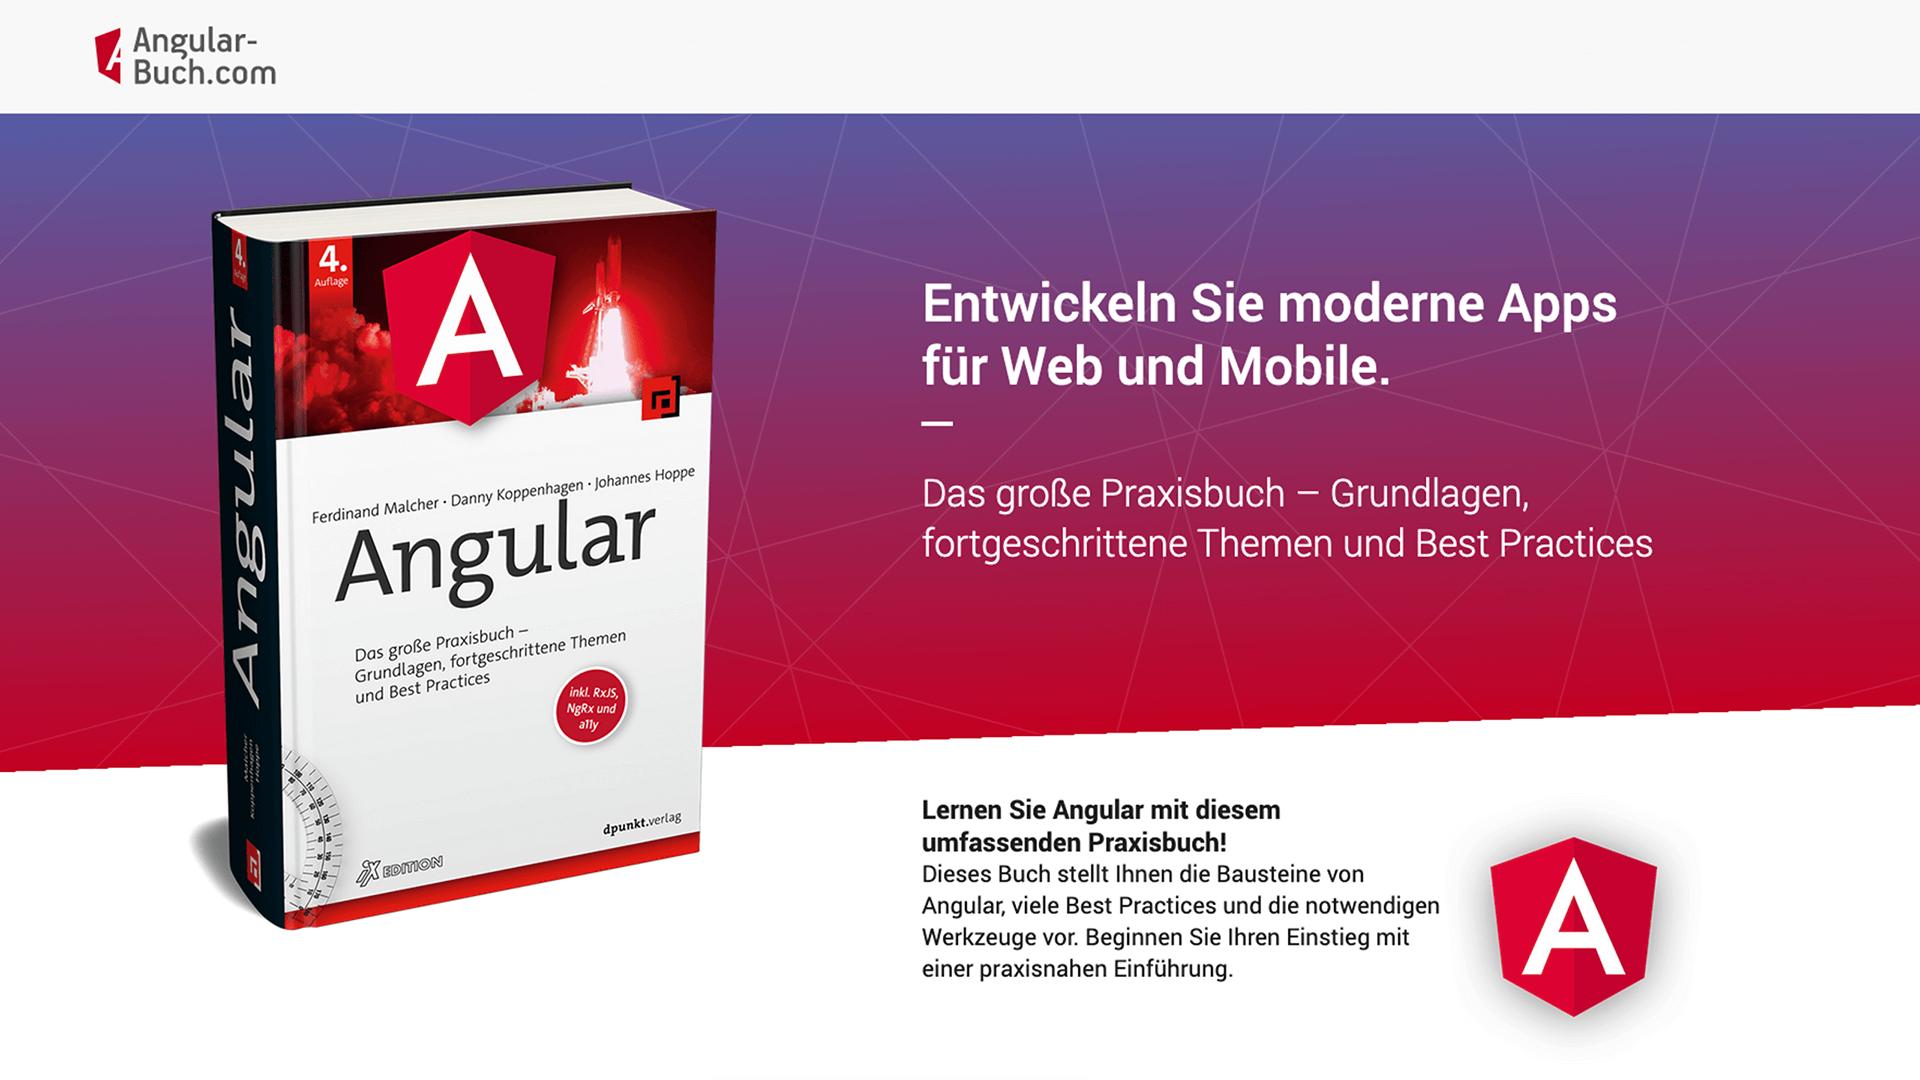 Angular-Buch → Entwickeln Sie moderne Apps für Web und Mobile